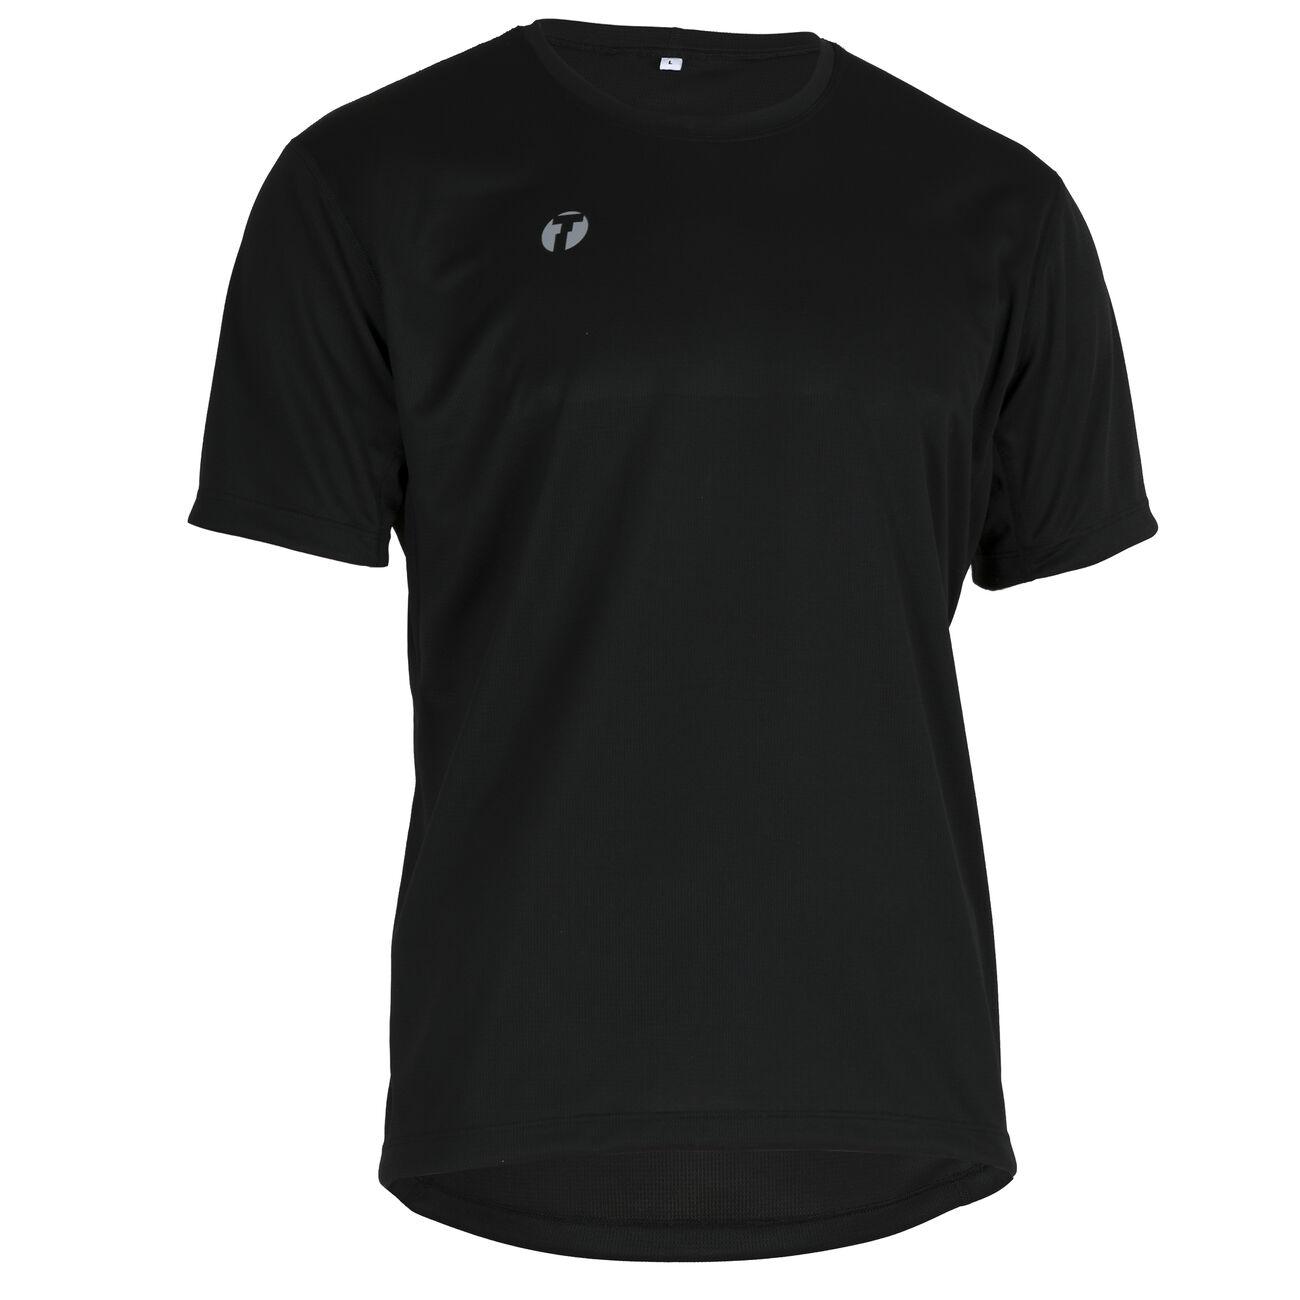 Promo t-skjorte herre